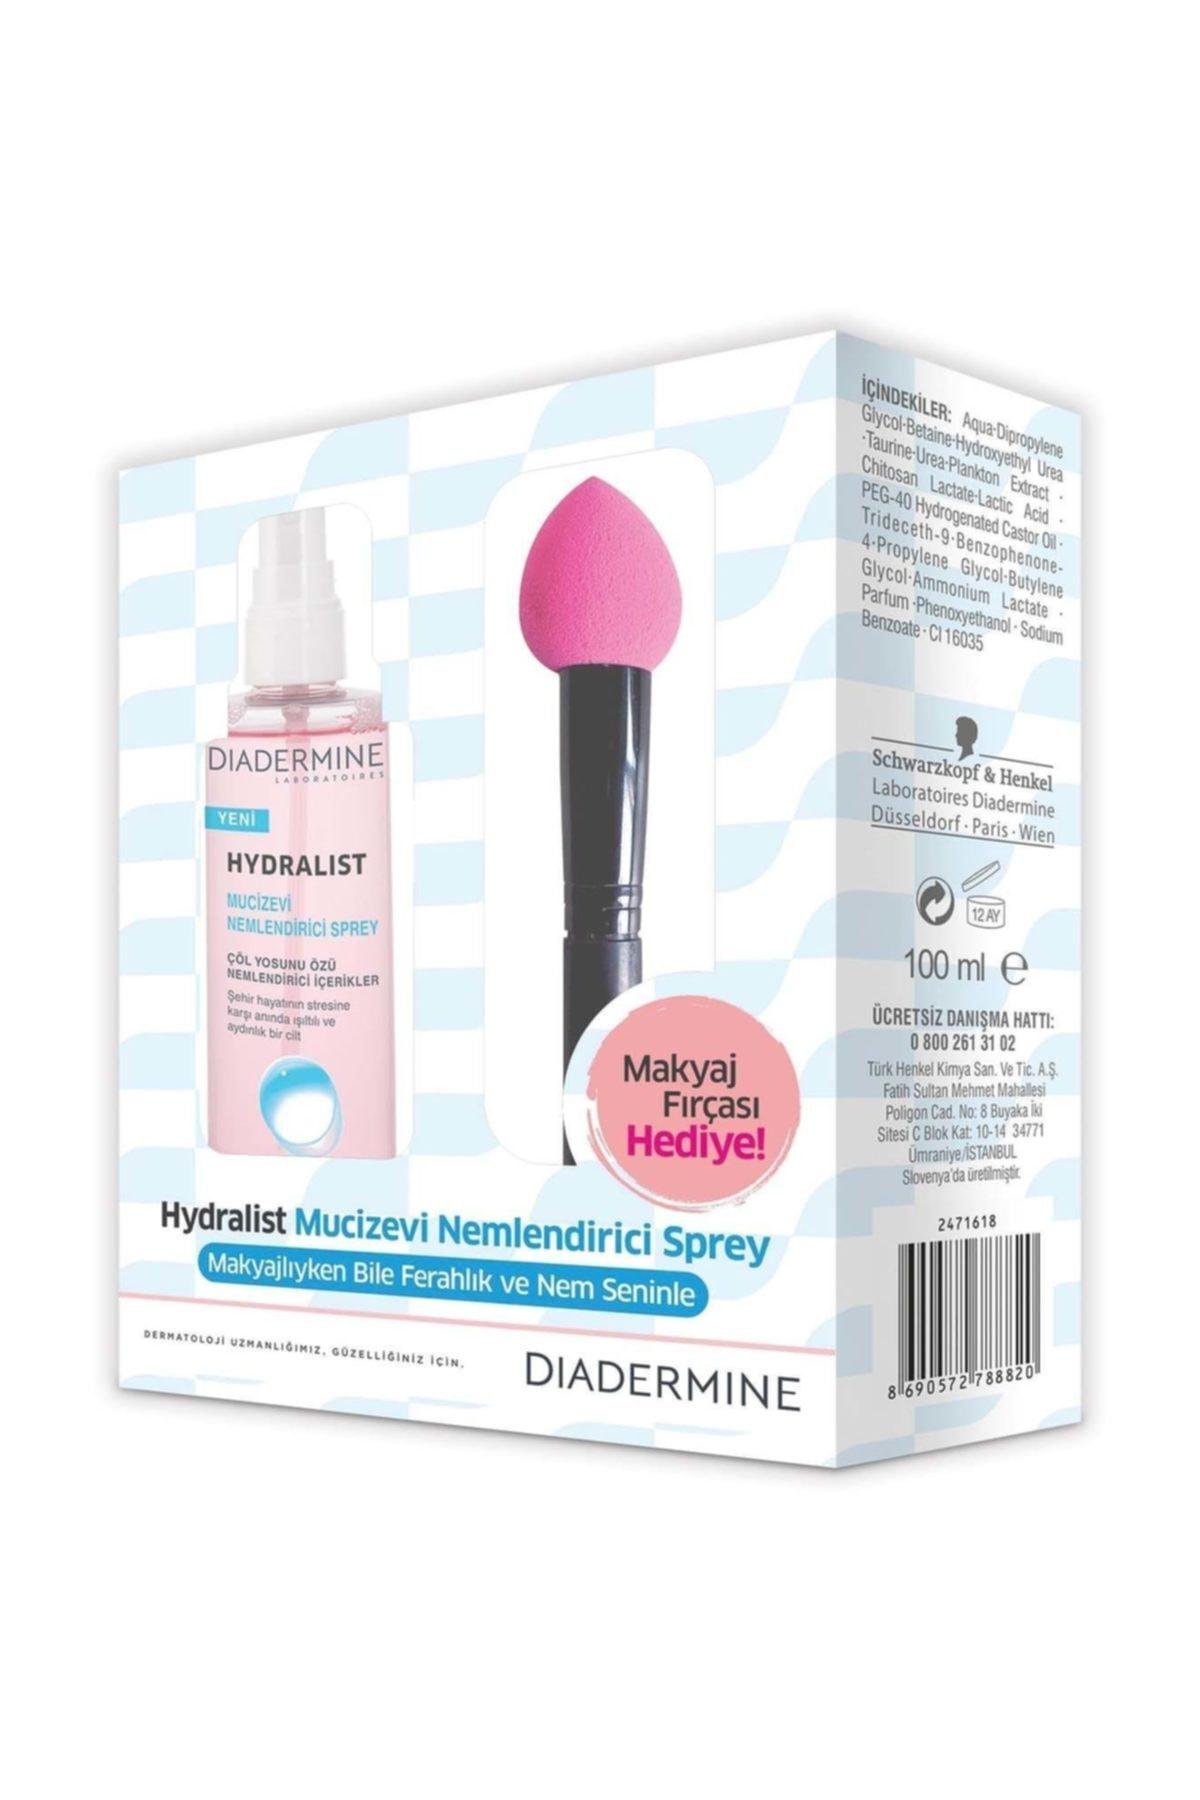 Diadermine Hydralist Nemlendirici Sprey 100 makyaj fırçası Hediyeli 1